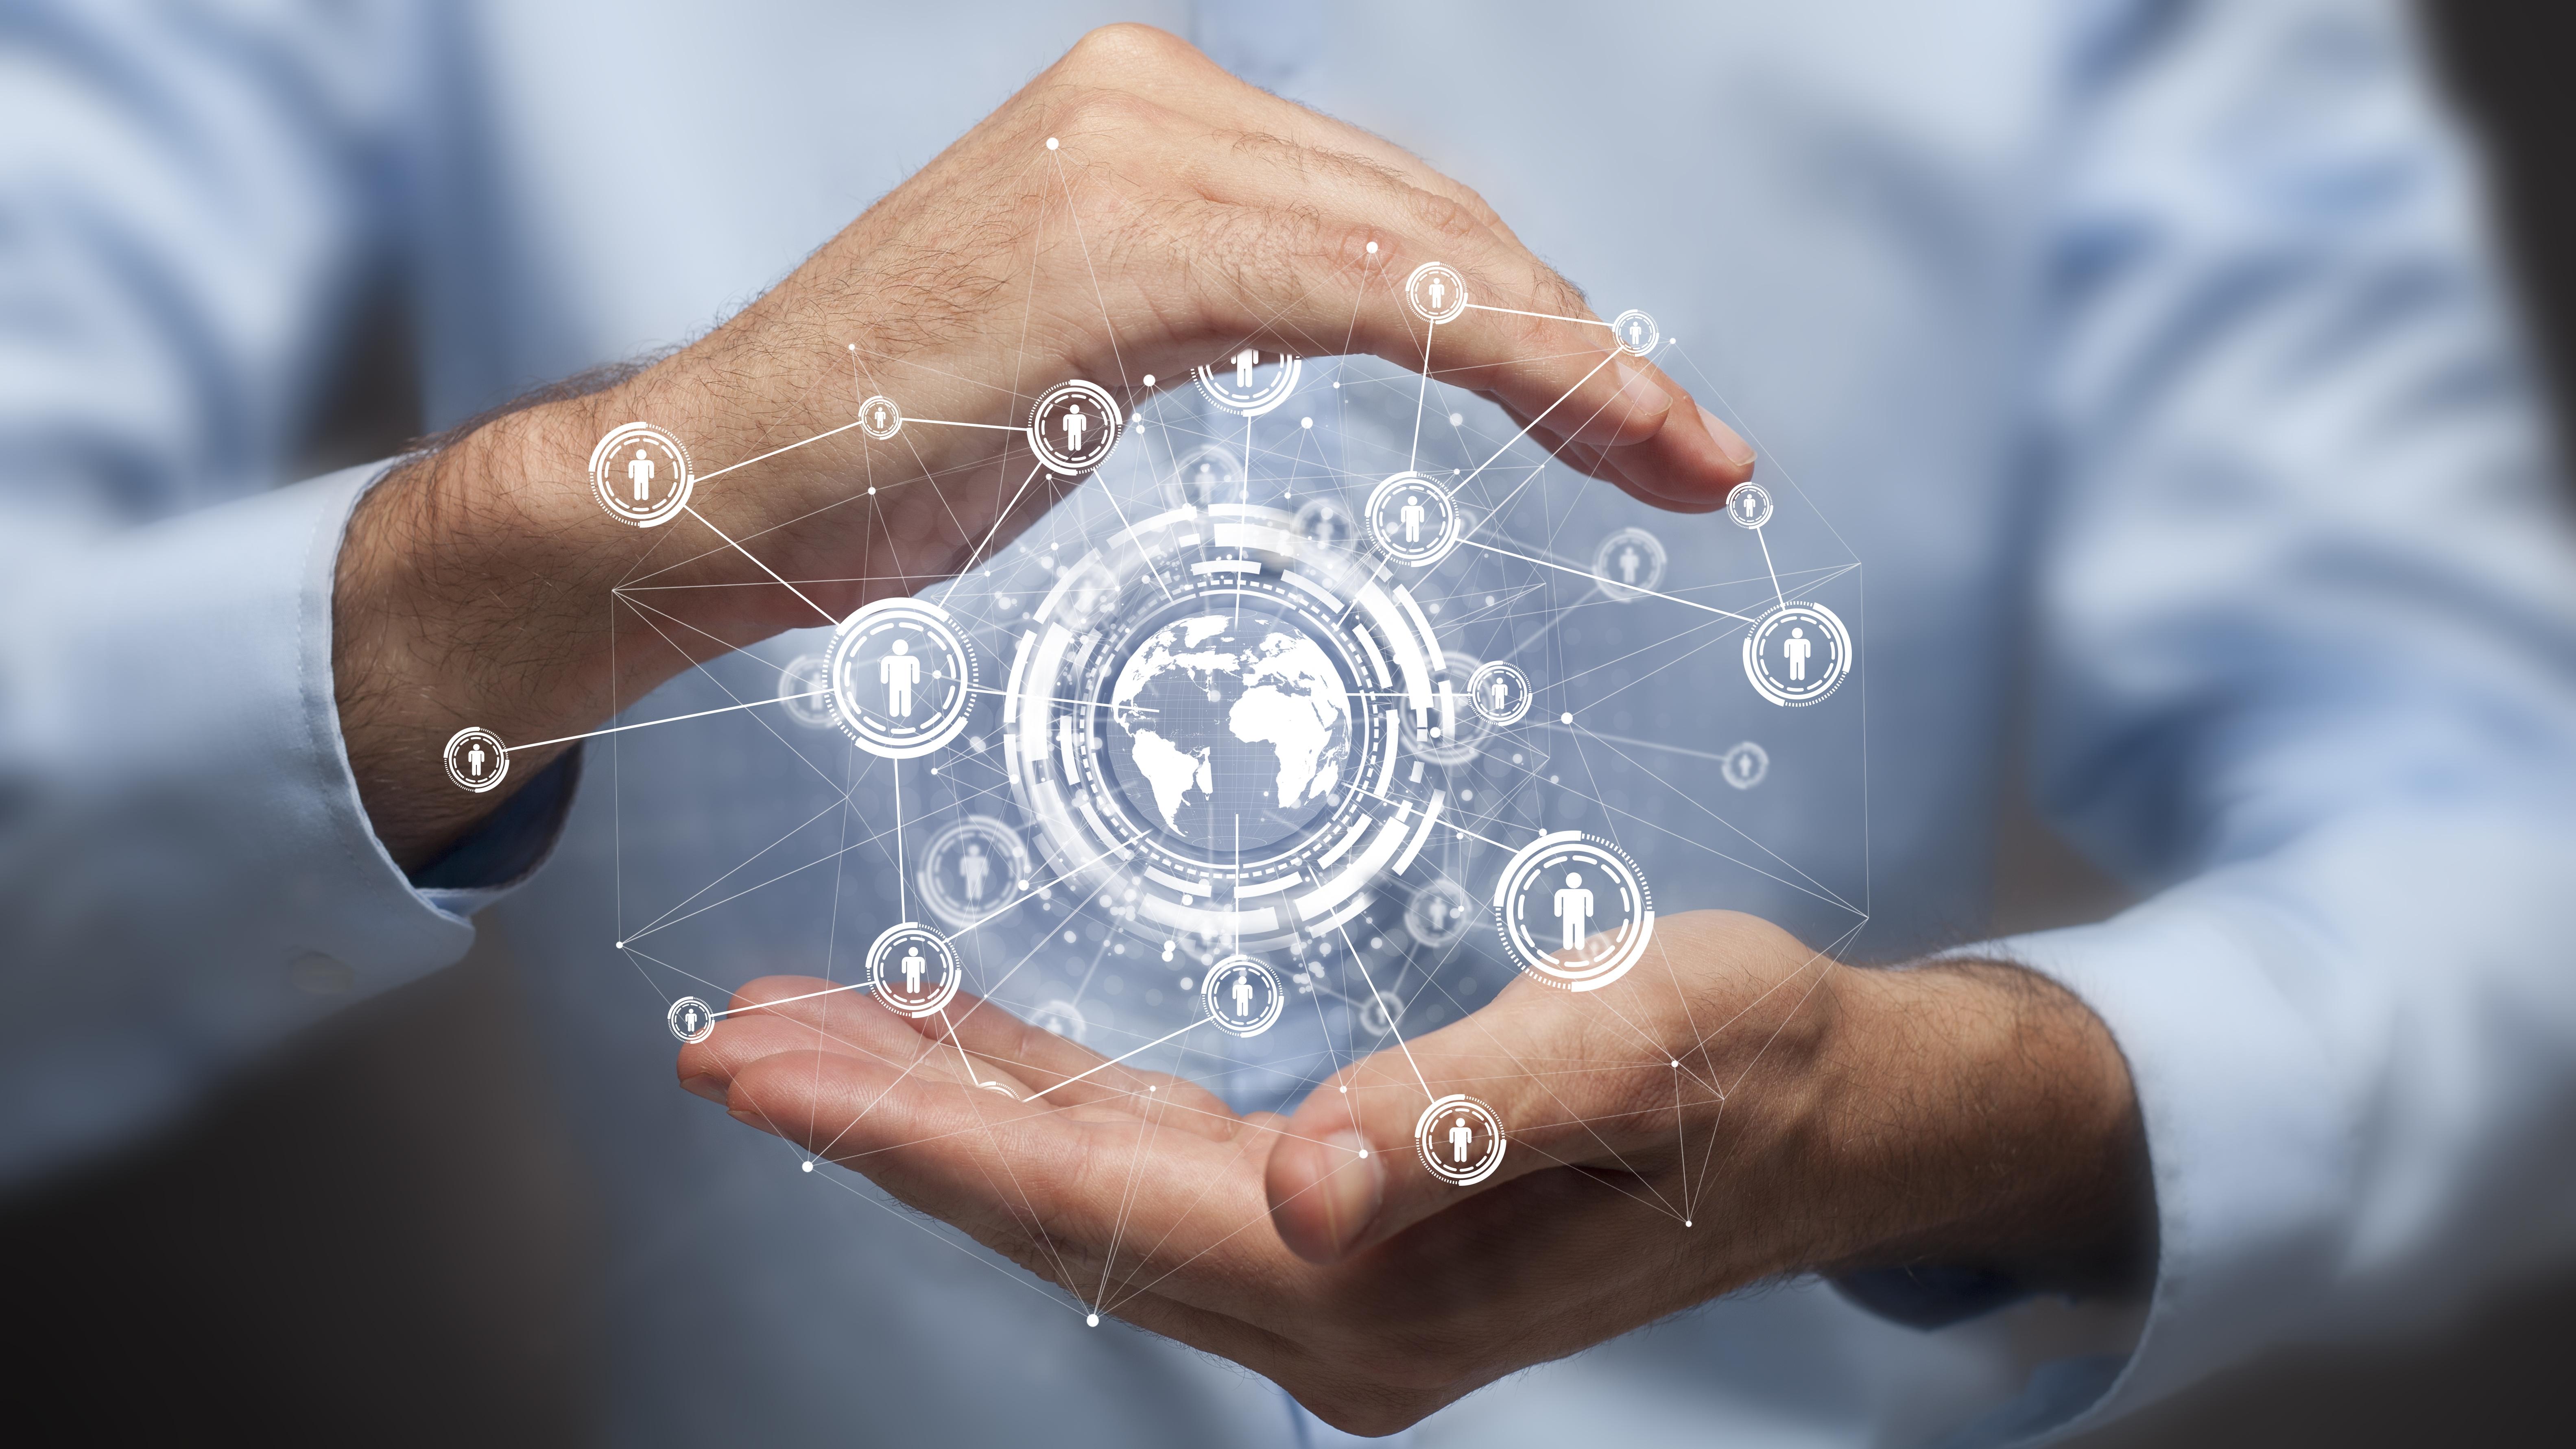 Digitalna transformacija, ključ za optimizacijo poslovanja